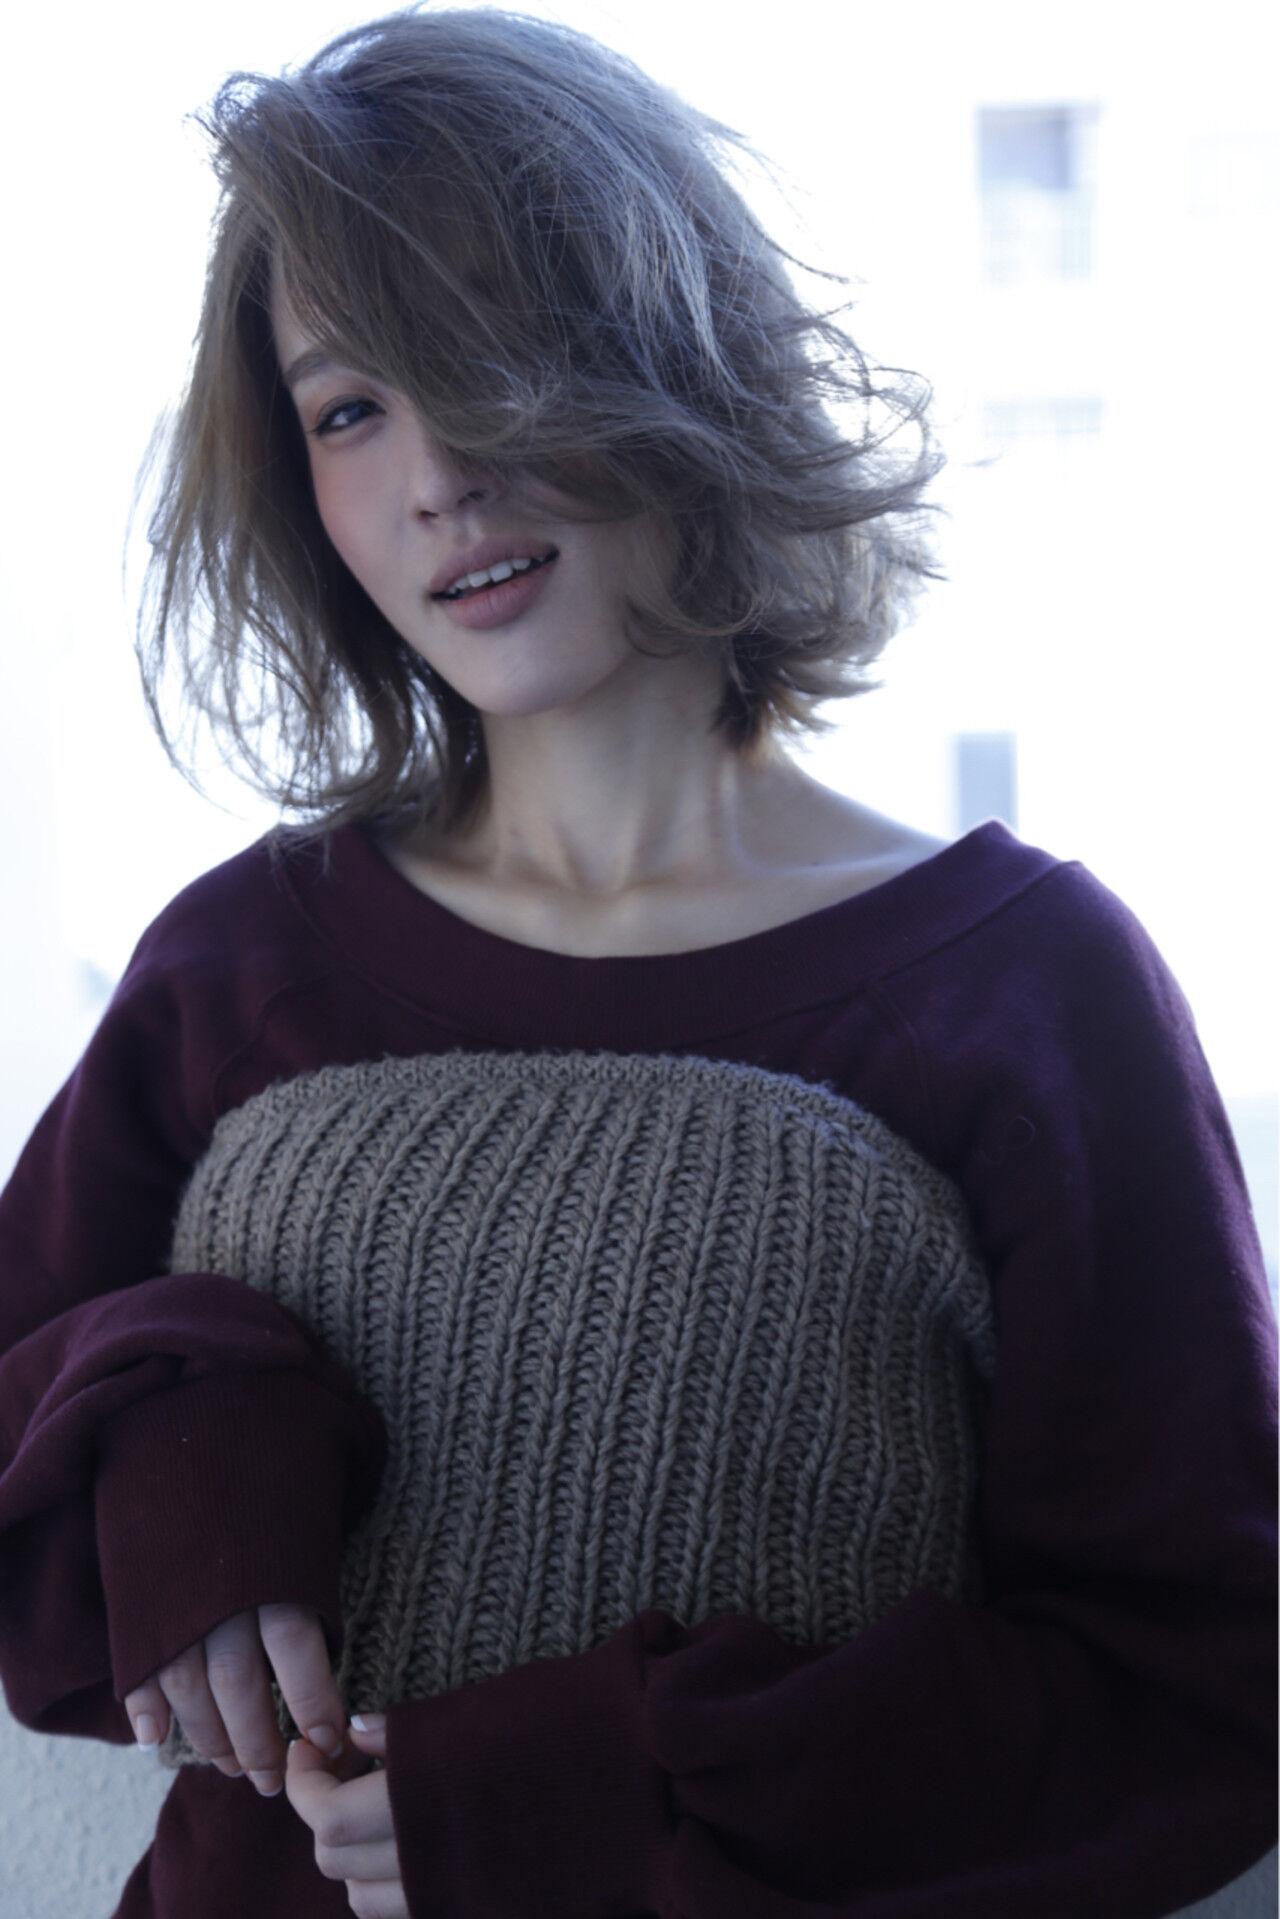 コンサバ シルバー ミディアム ブリーチヘアスタイルや髪型の写真・画像